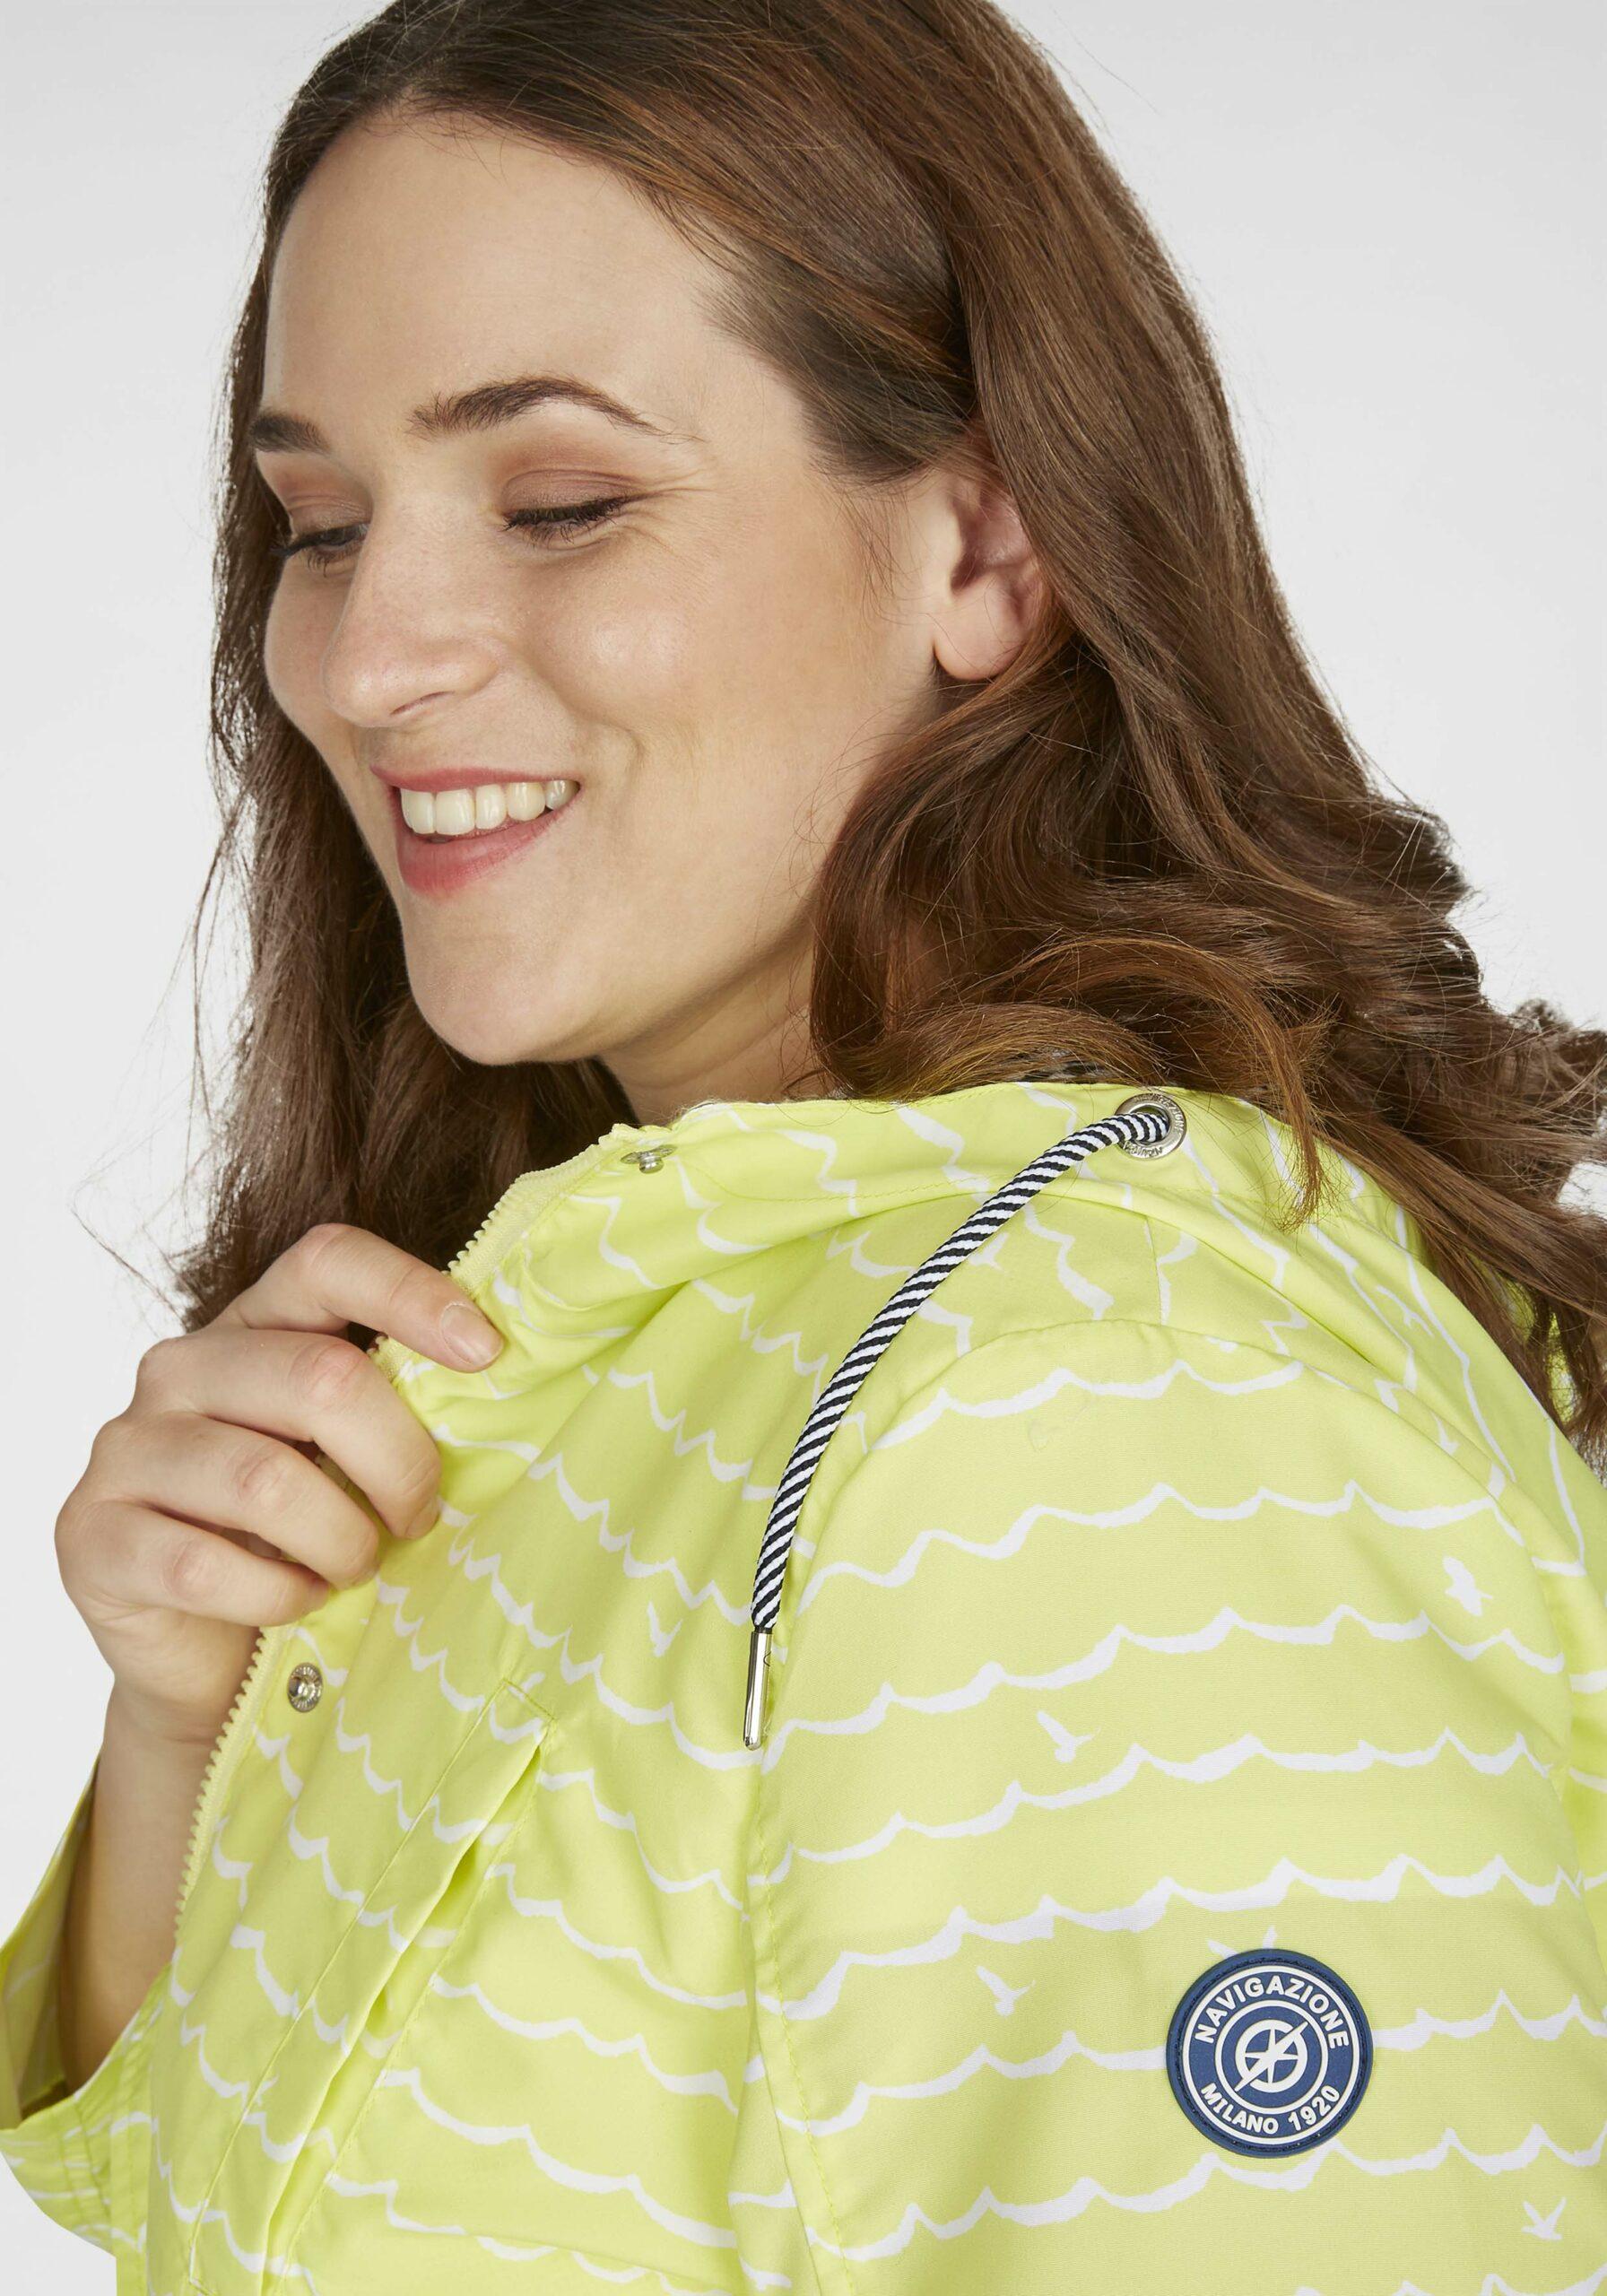 Damen Leuchtende Jacke im Wellenprint gelb in großen Größen